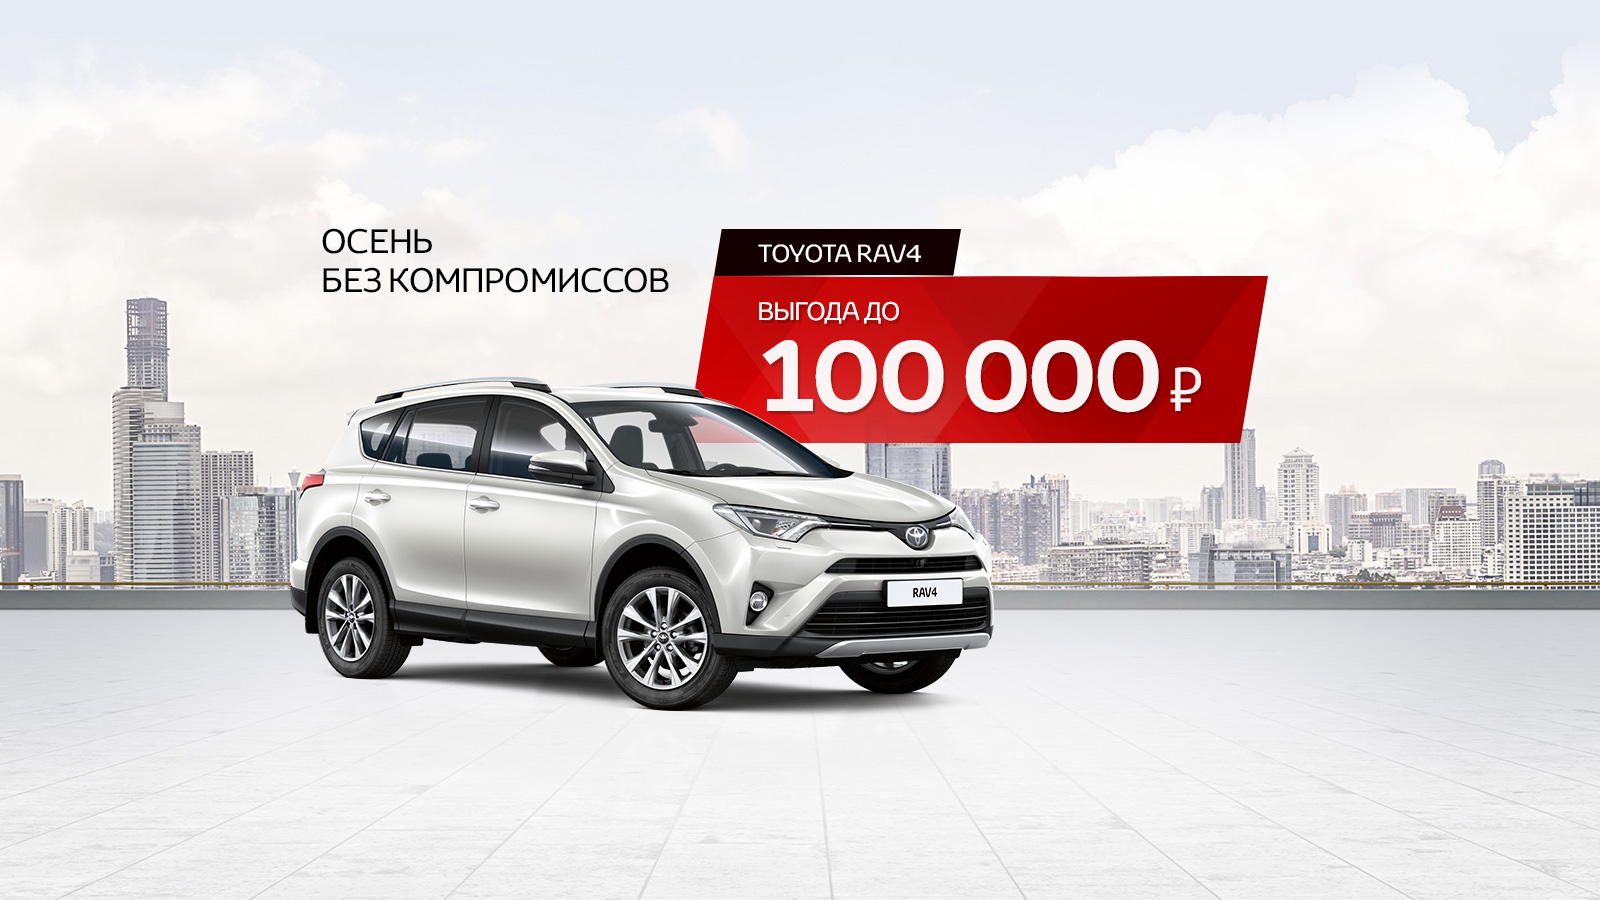 Выгода при покупке до 100 тыс. руб.